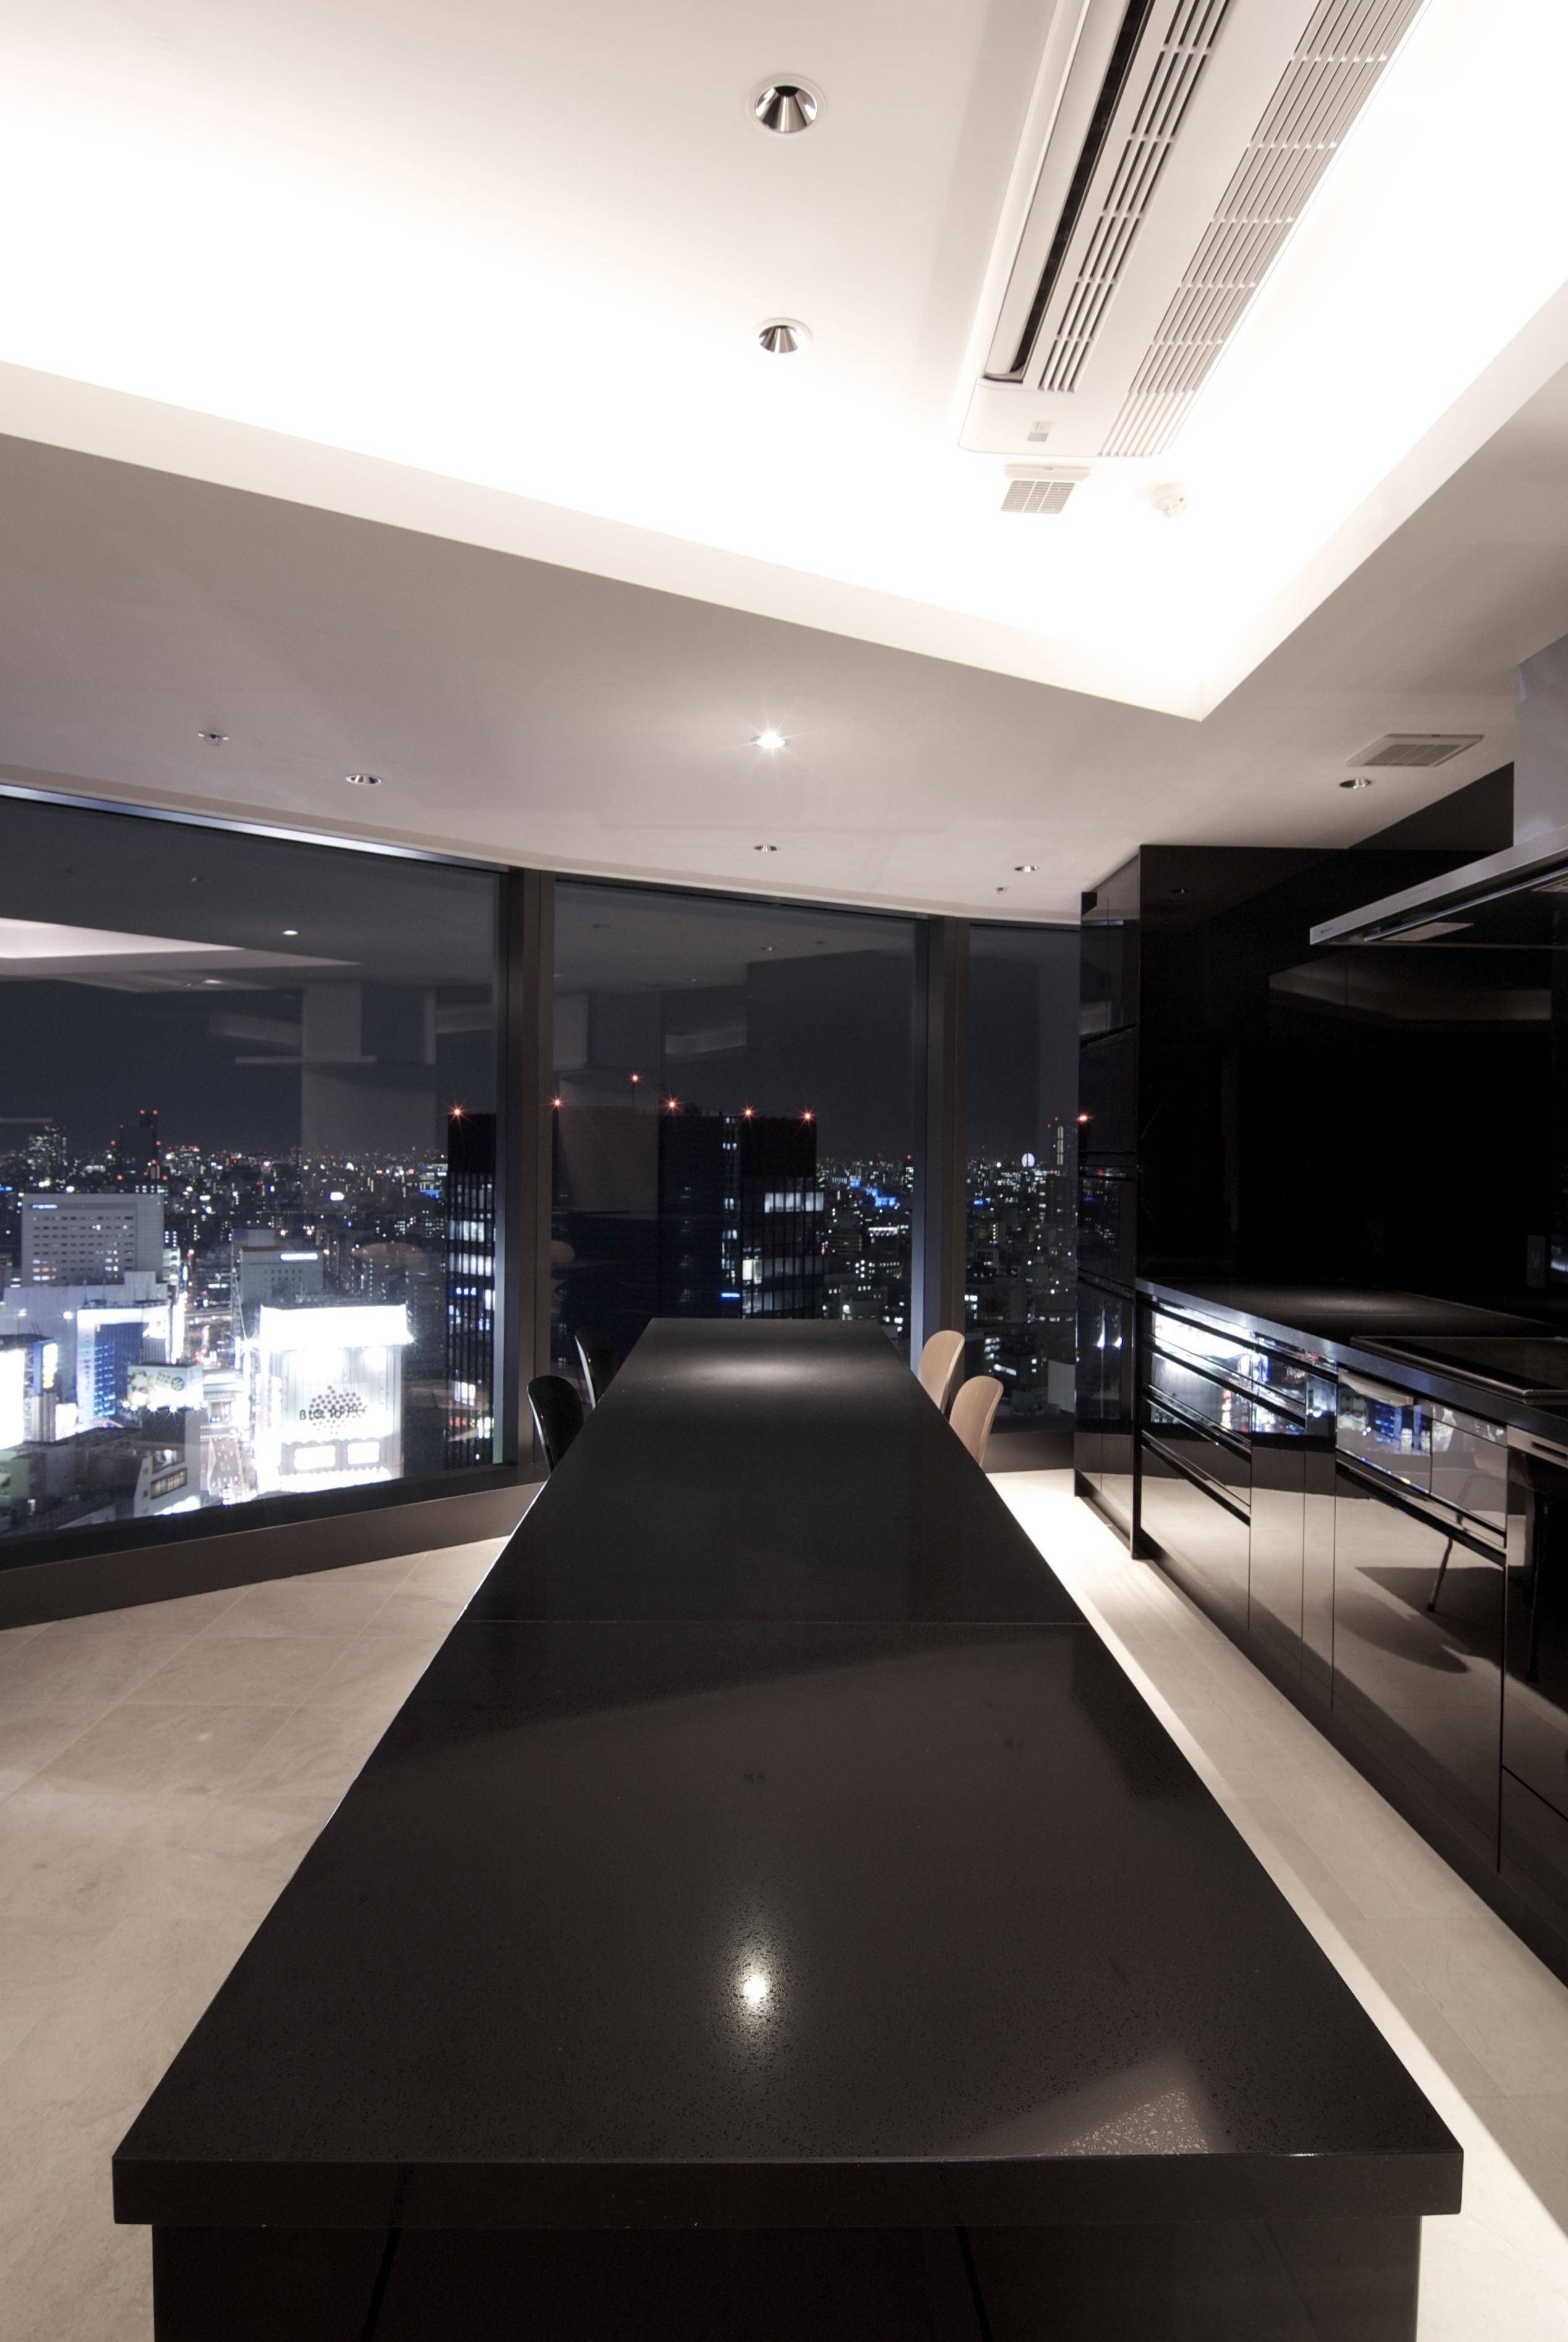 キッチン事例:ダイニング・キッチン(高層階の眺望を楽しむ扇型リビングの家)